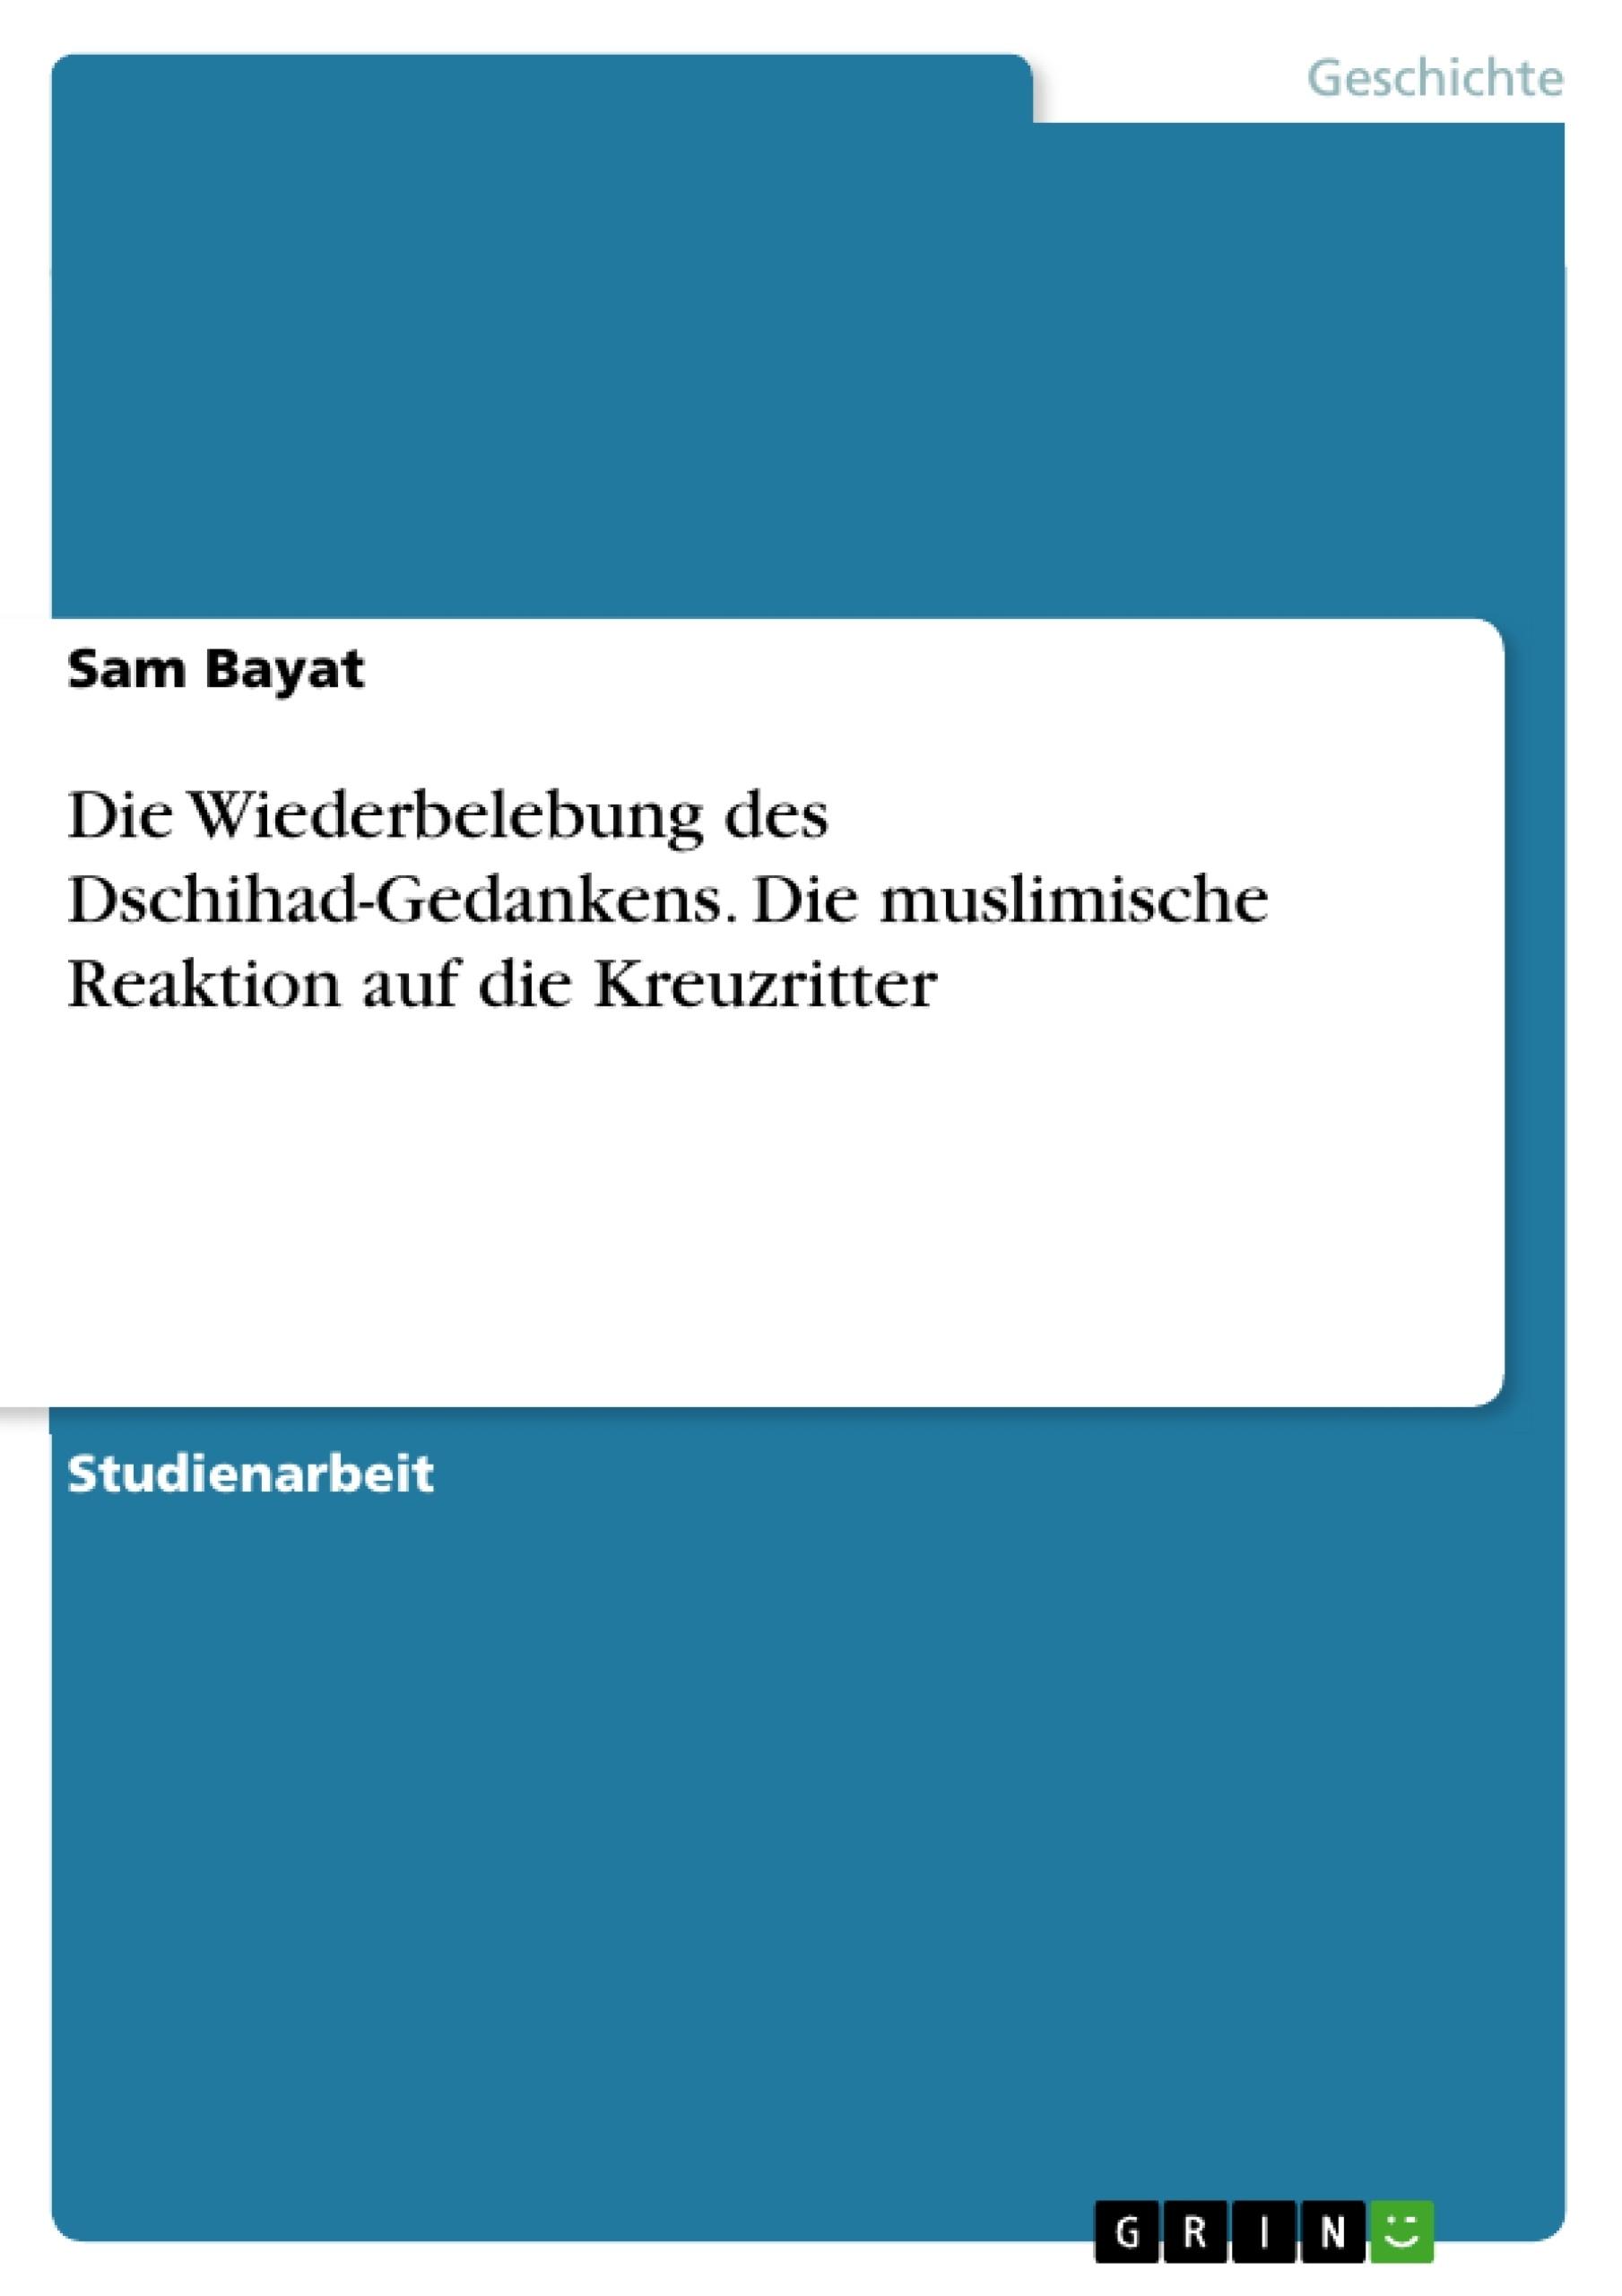 Titel: Die Wiederbelebung des Dschihad-Gedankens. Die muslimische Reaktion auf die Kreuzritter